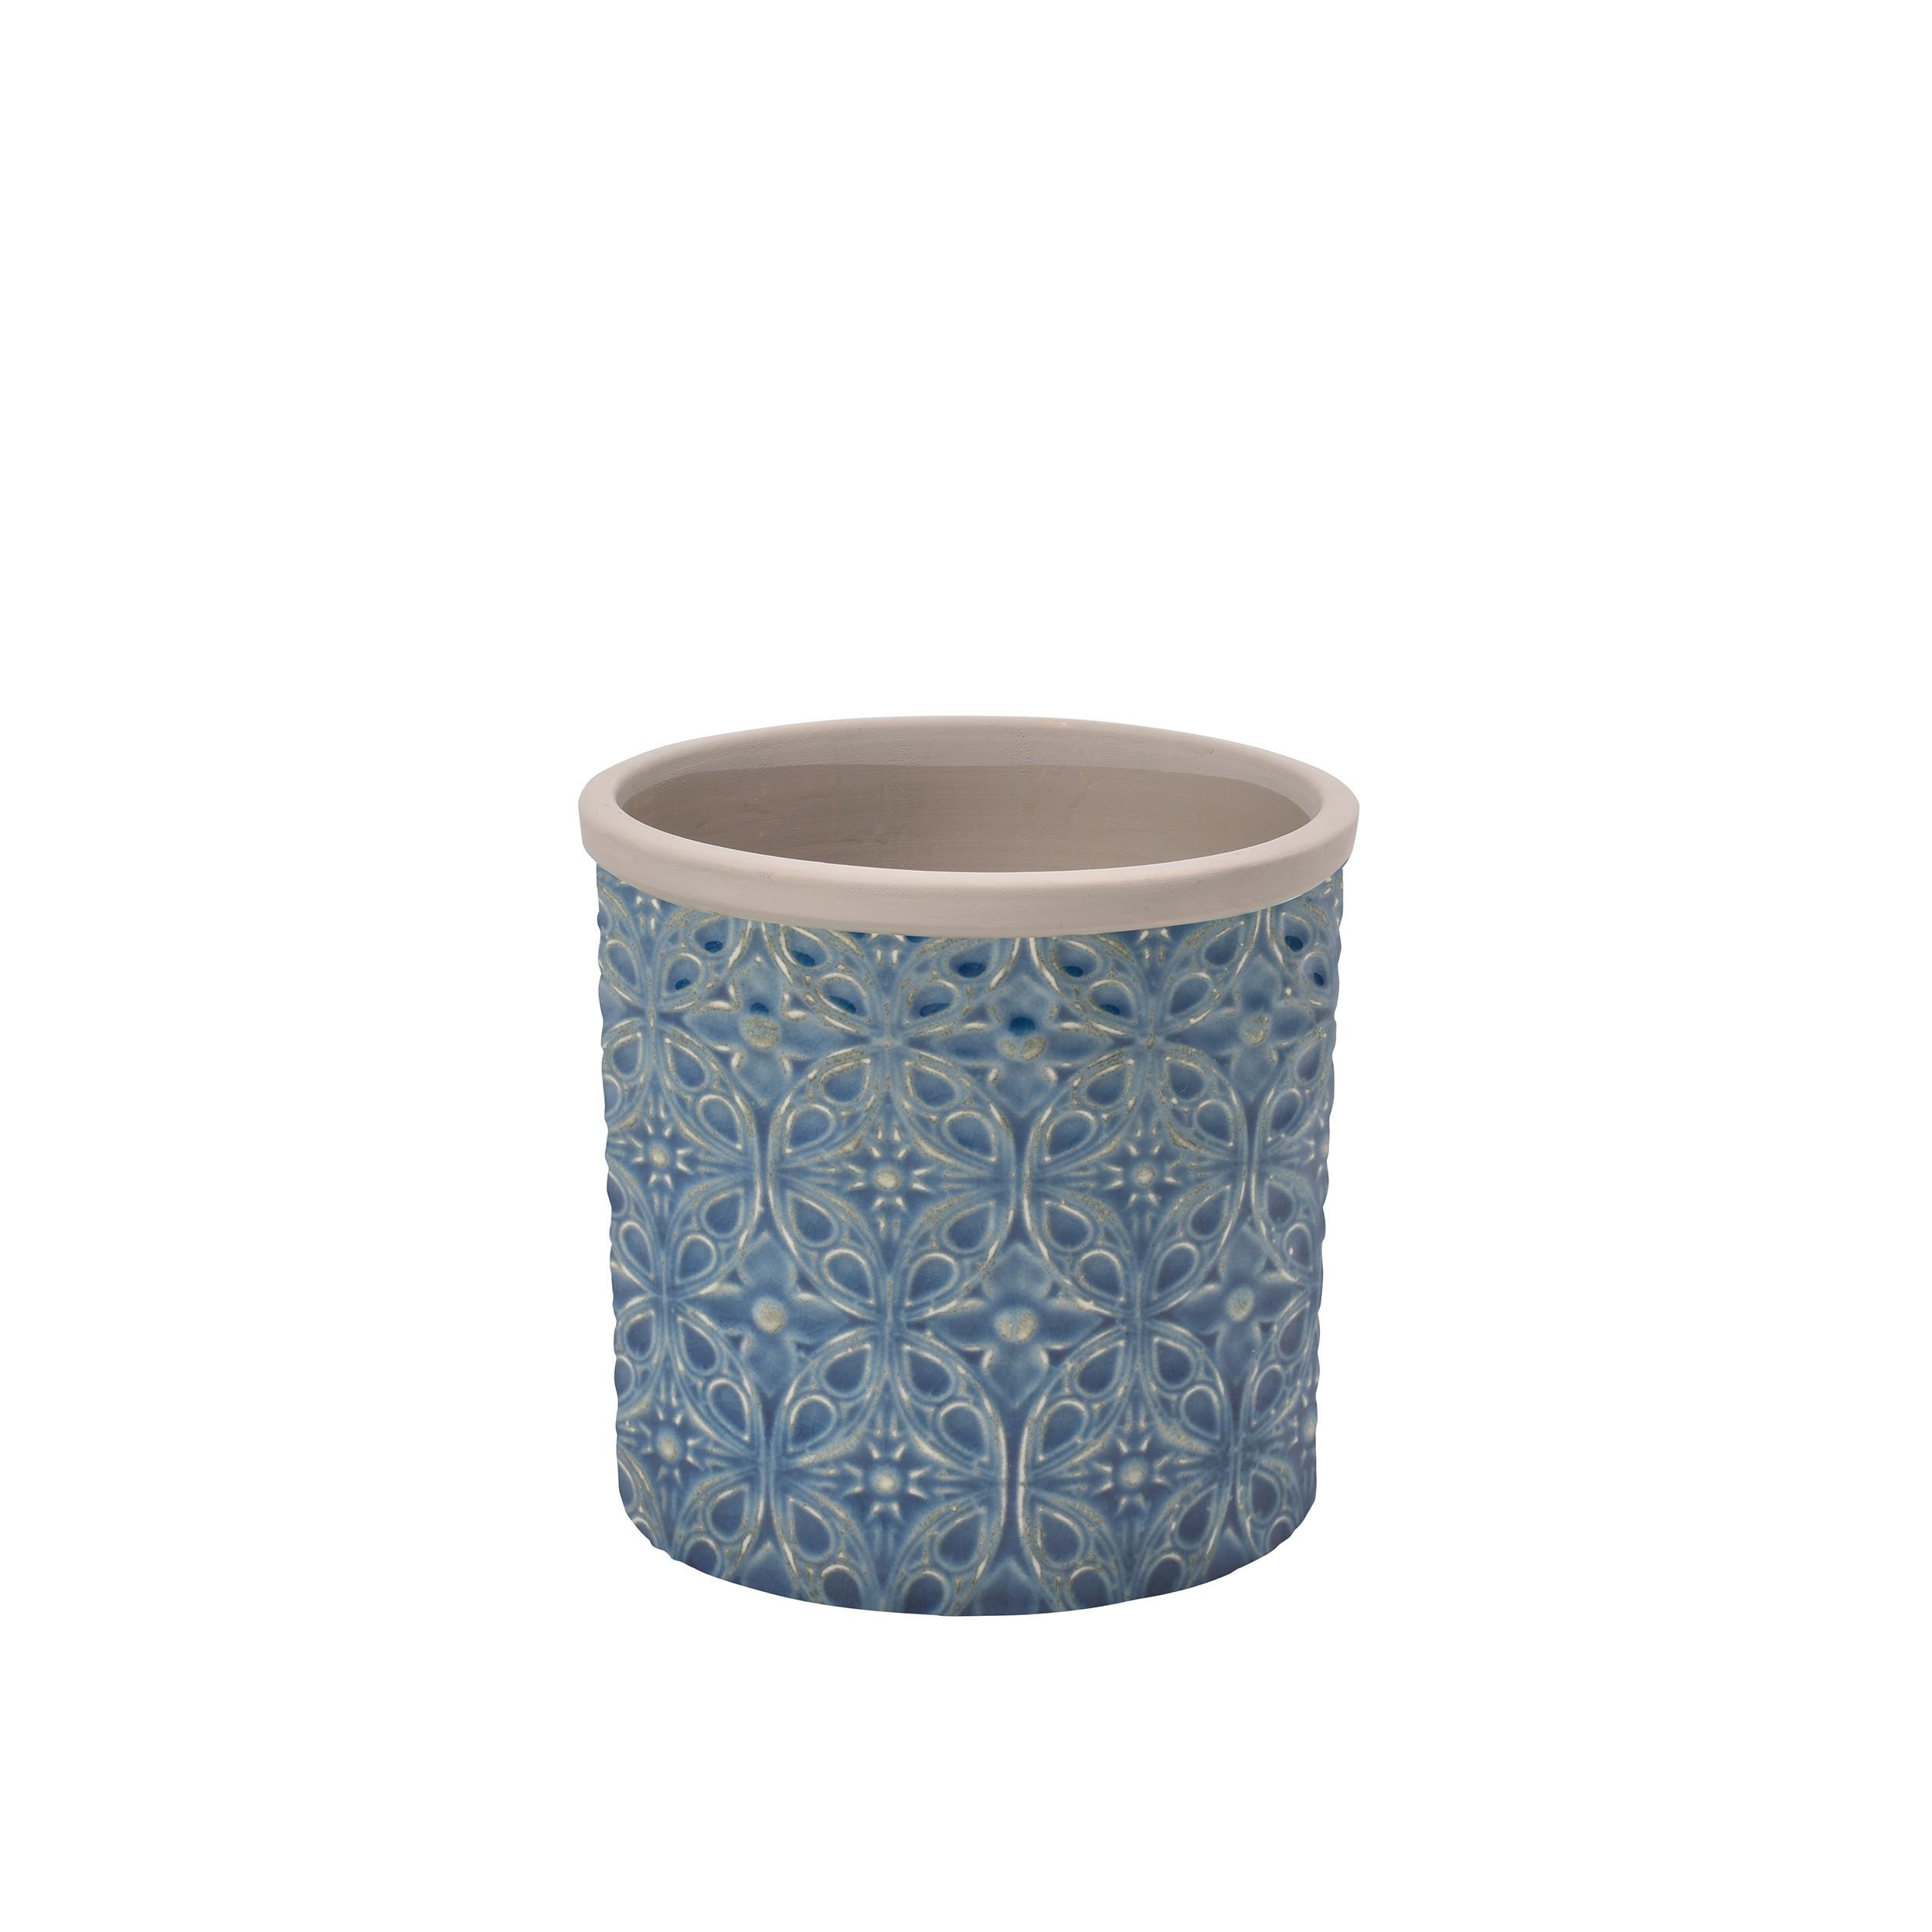 Blumentopf porto keramik 14cm bertopf pflanztopf rund for Blumentopf keramik